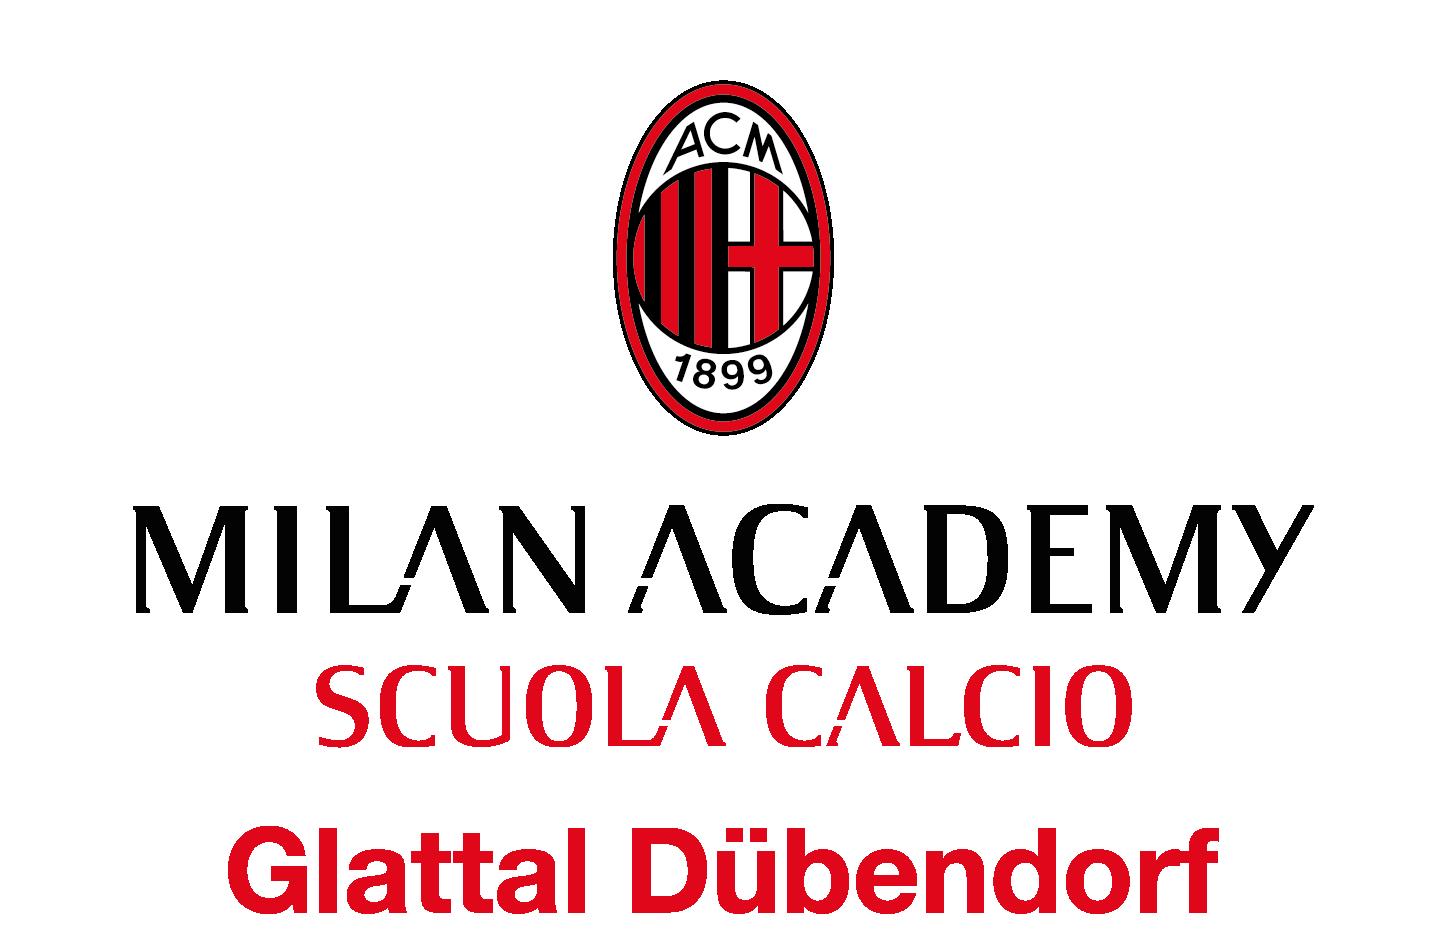 Milan Academy Scuola Calcio Glattal Dübendorf